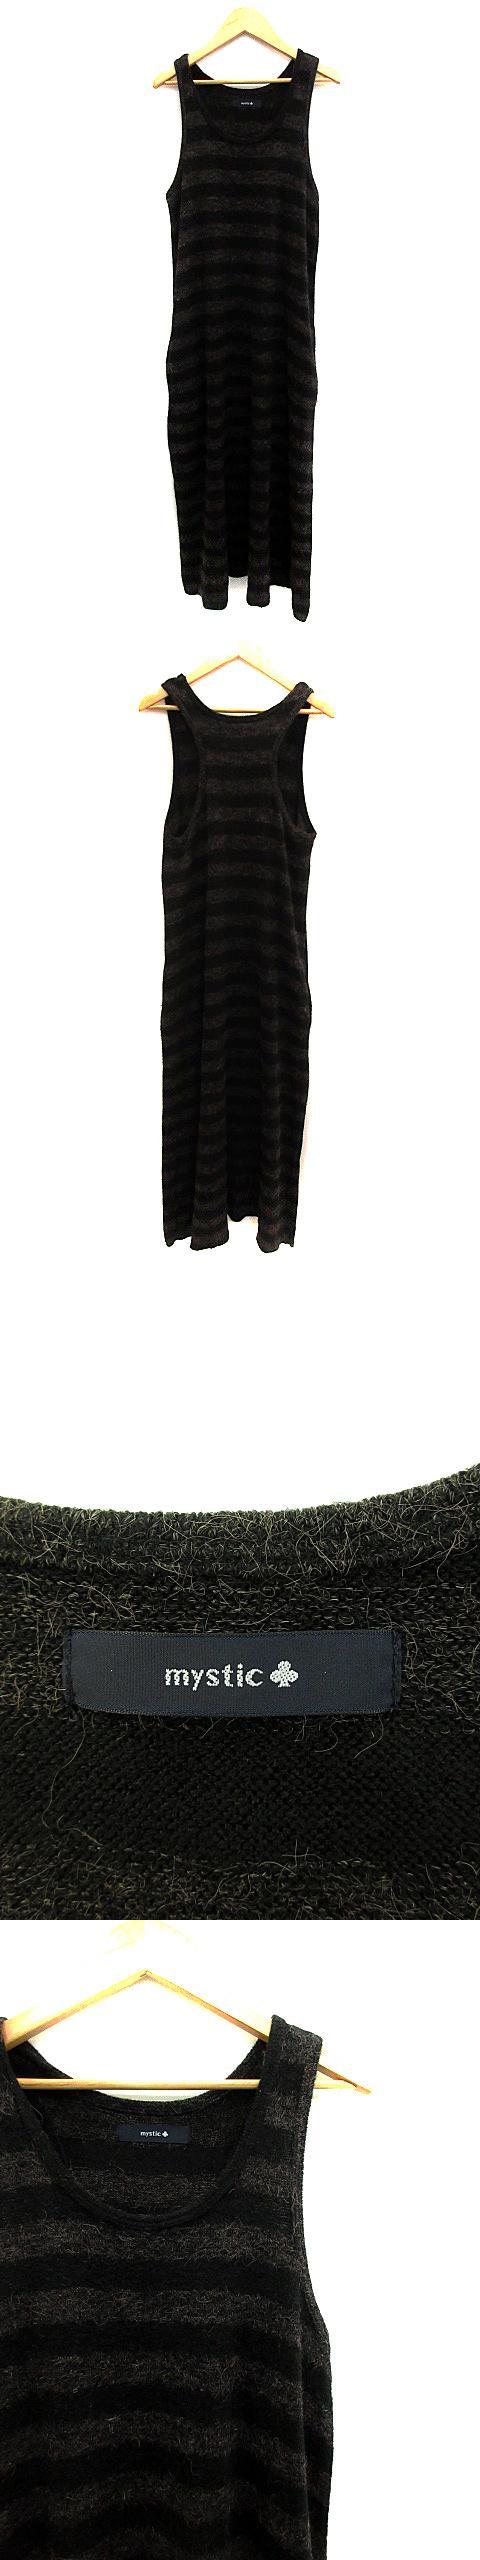 ワンピース ニット マキシ ロング Uネック ノースリーブ ボーダー ダークブラウン 黒 ブラック /NS44